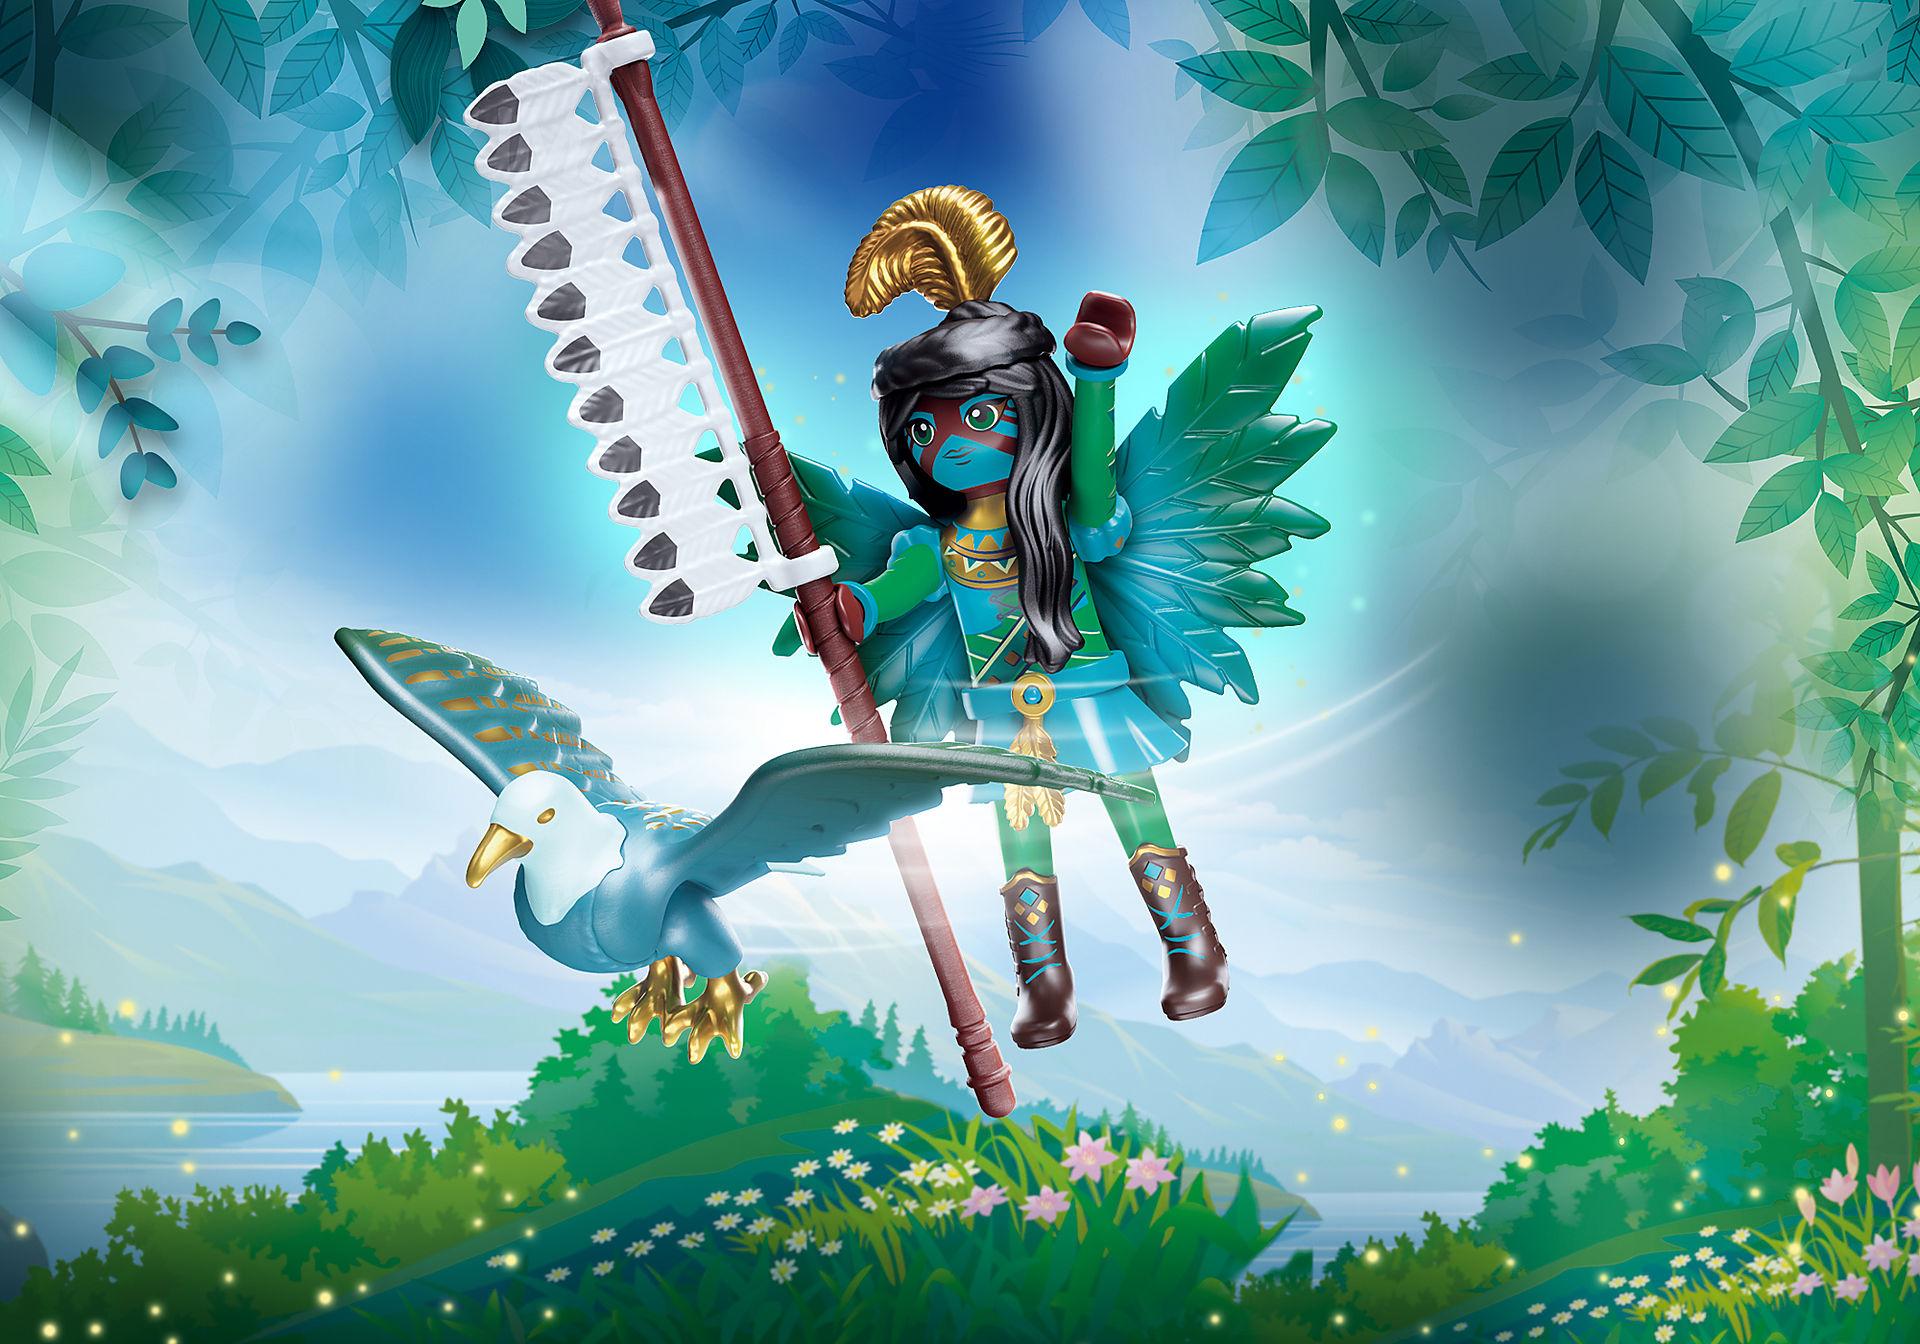 70802 Knight Fairy z tajemniczym zwierzątkiem zoom image1